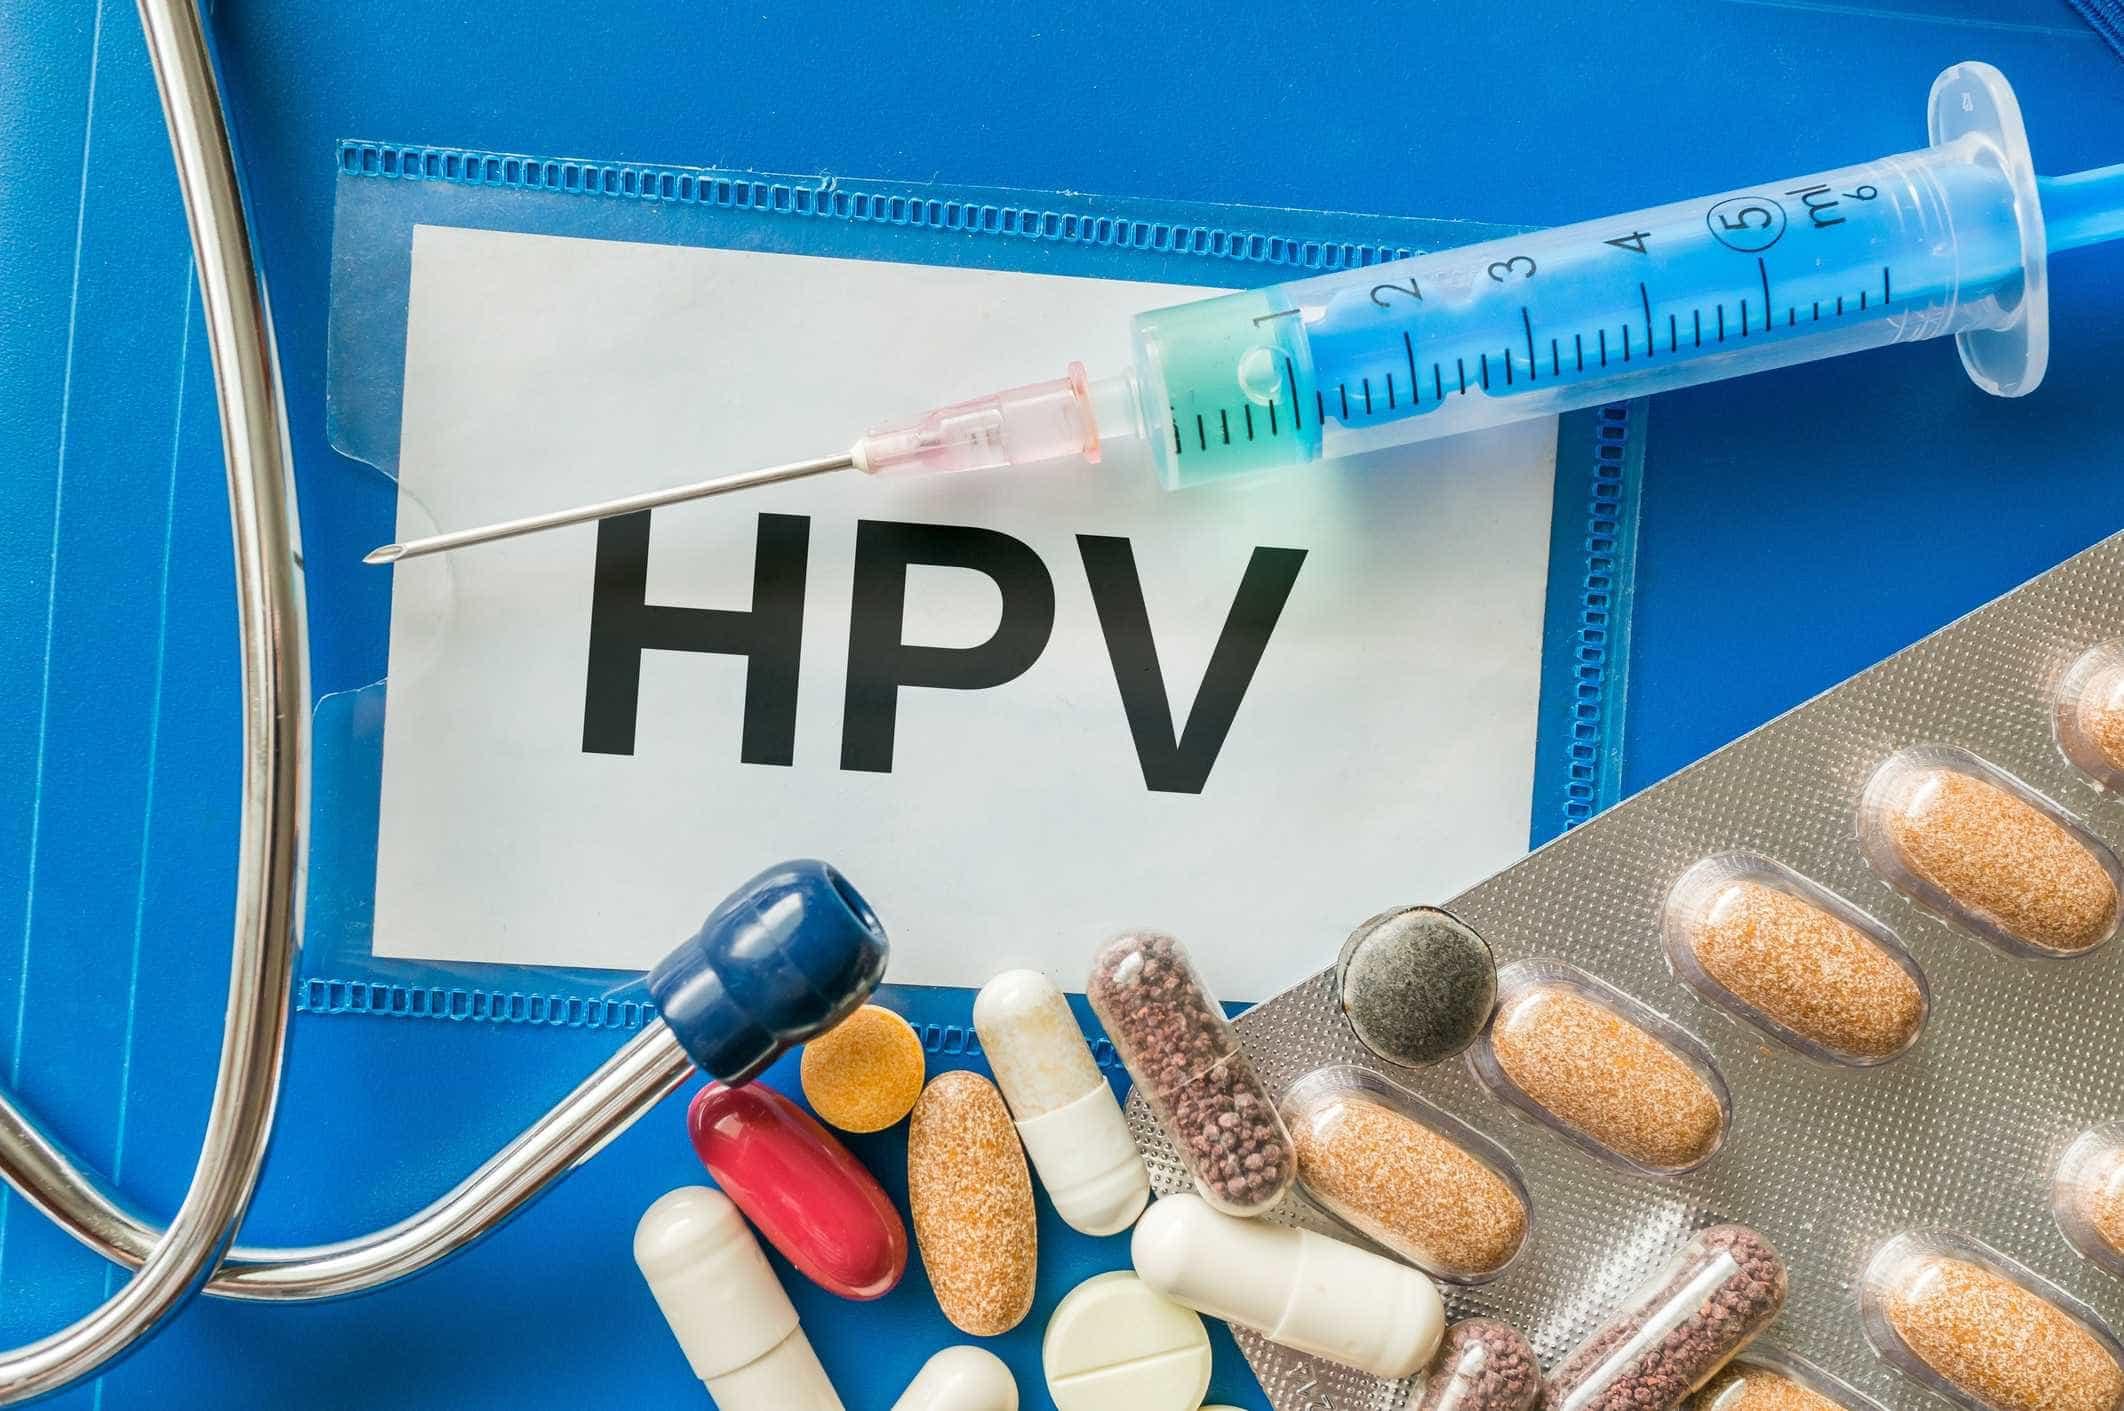 Cerca de 750 mil raparigas vacinaram-se contra o vírus do HPV em Portugal